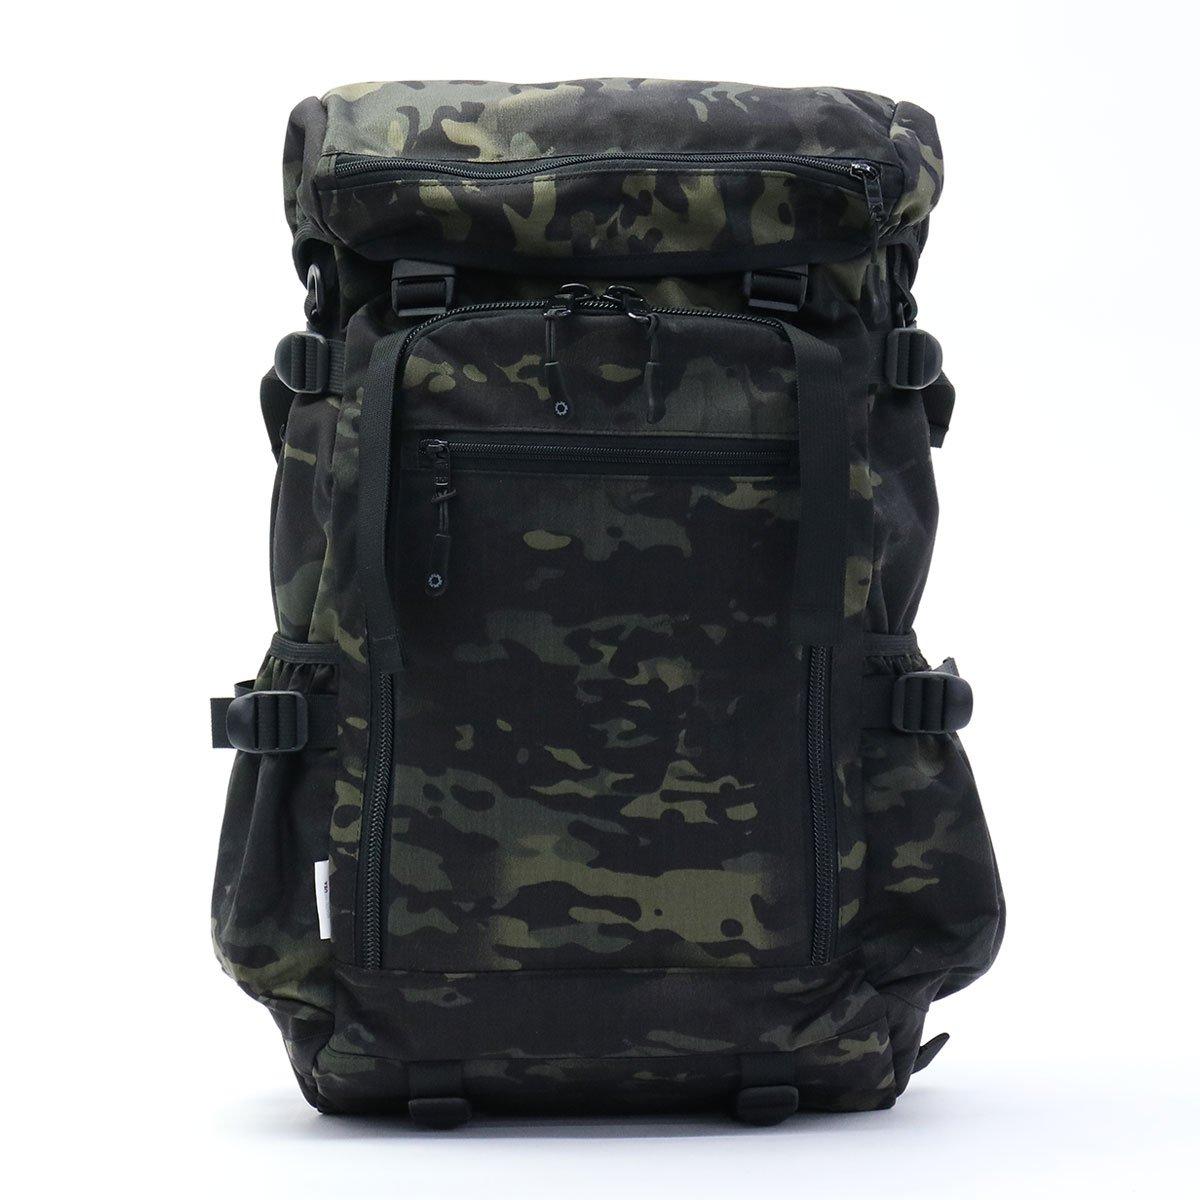 [ディスパッチ]DSPTCH バックパック RUCKPACK 73001 B073CGN27M ブラックカモフラージュ ブラックカモフラージュ